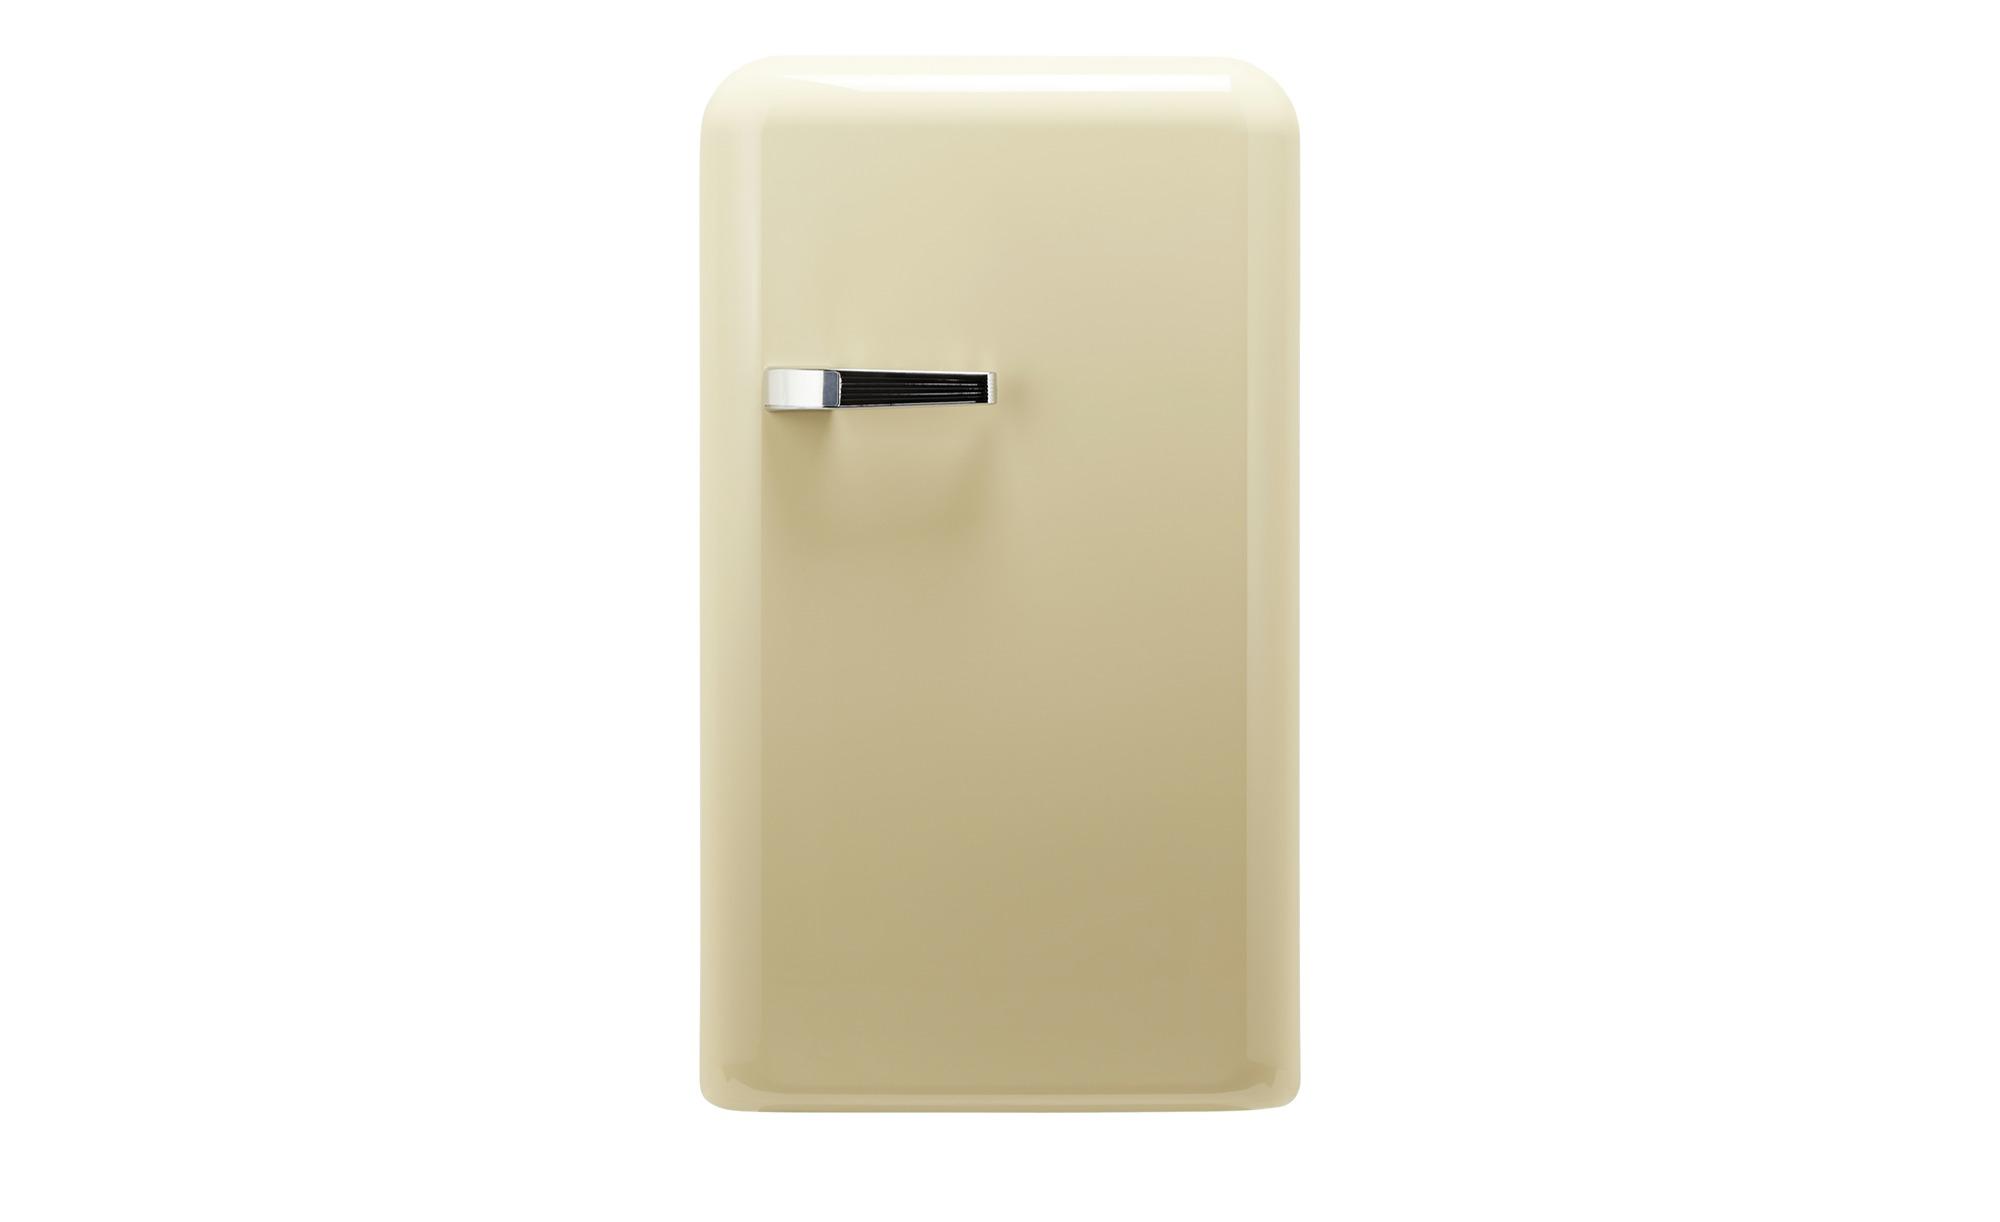 Gorenje Kühlschrank Creme Retro : Khg kühlschrank ksr mg c creme bei möbel kraft online kaufen